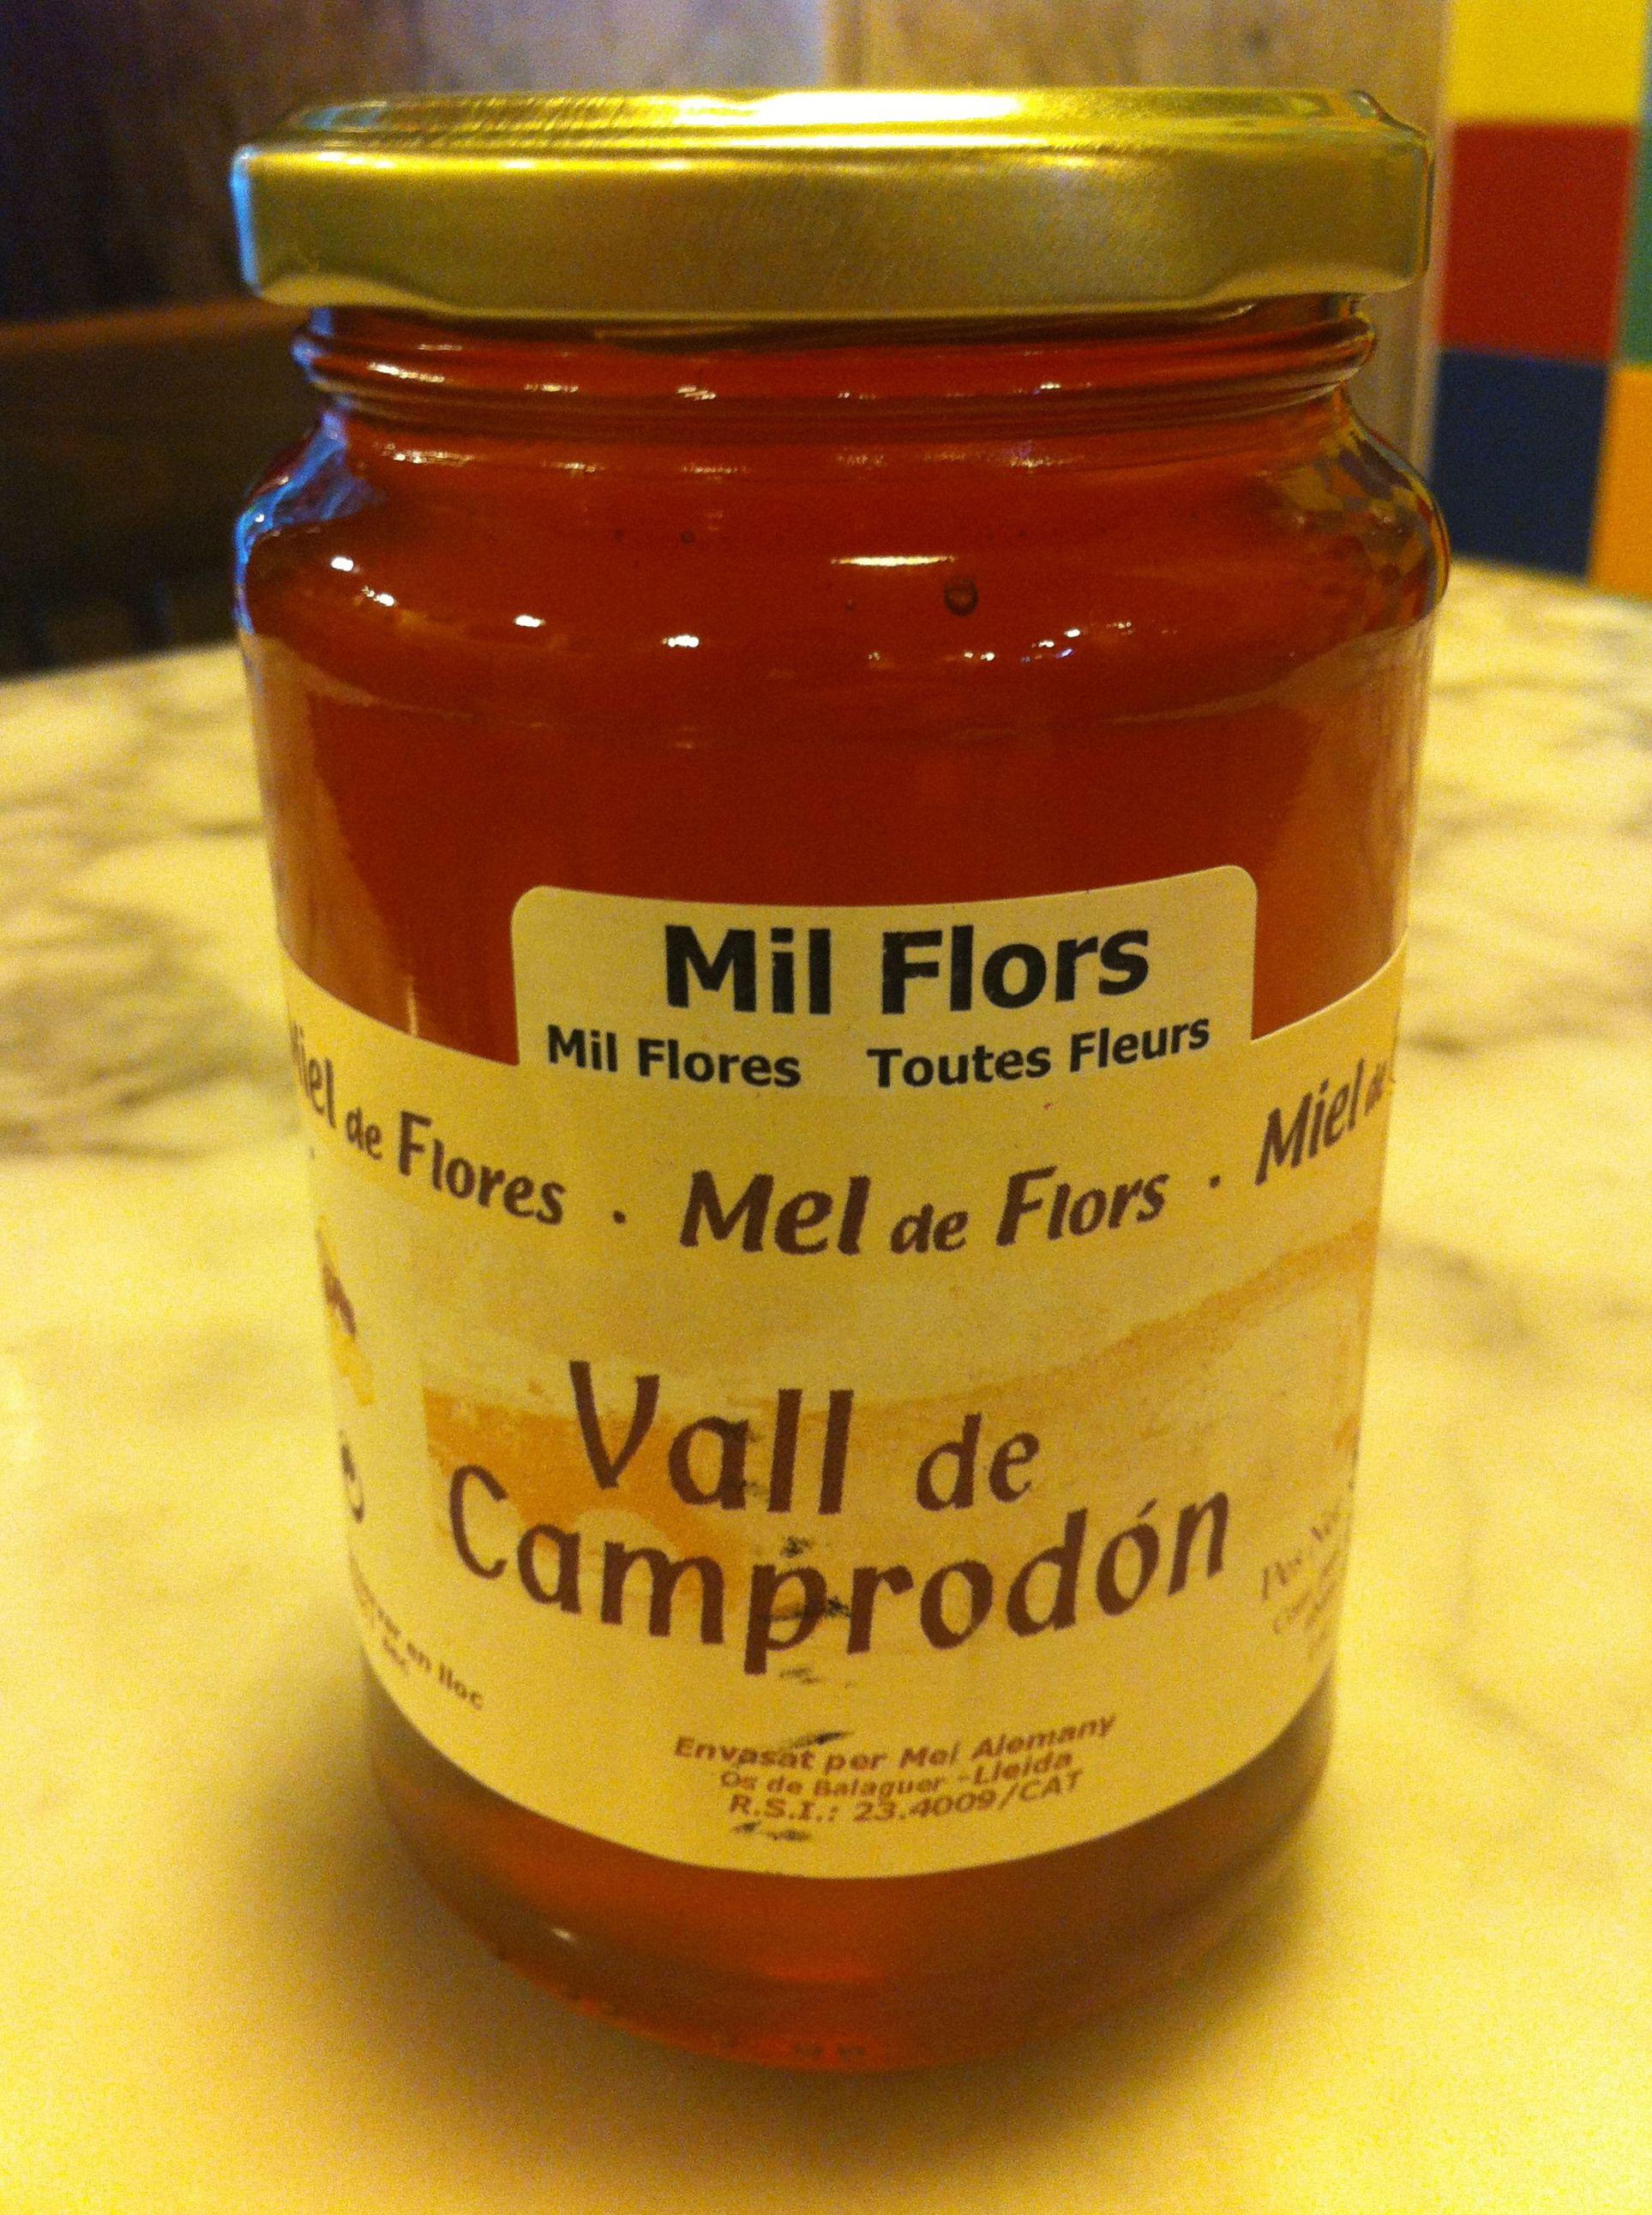 Tarro de miel en Barcelona